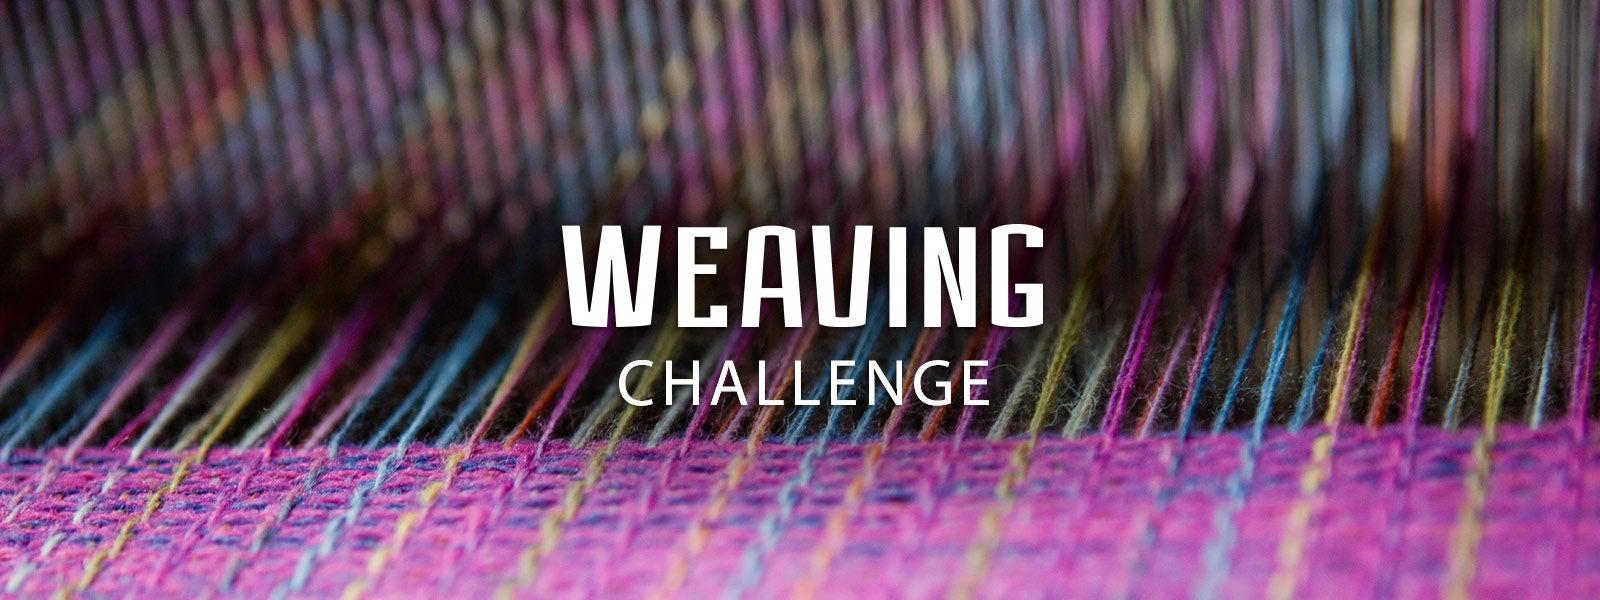 Weaving Challenge